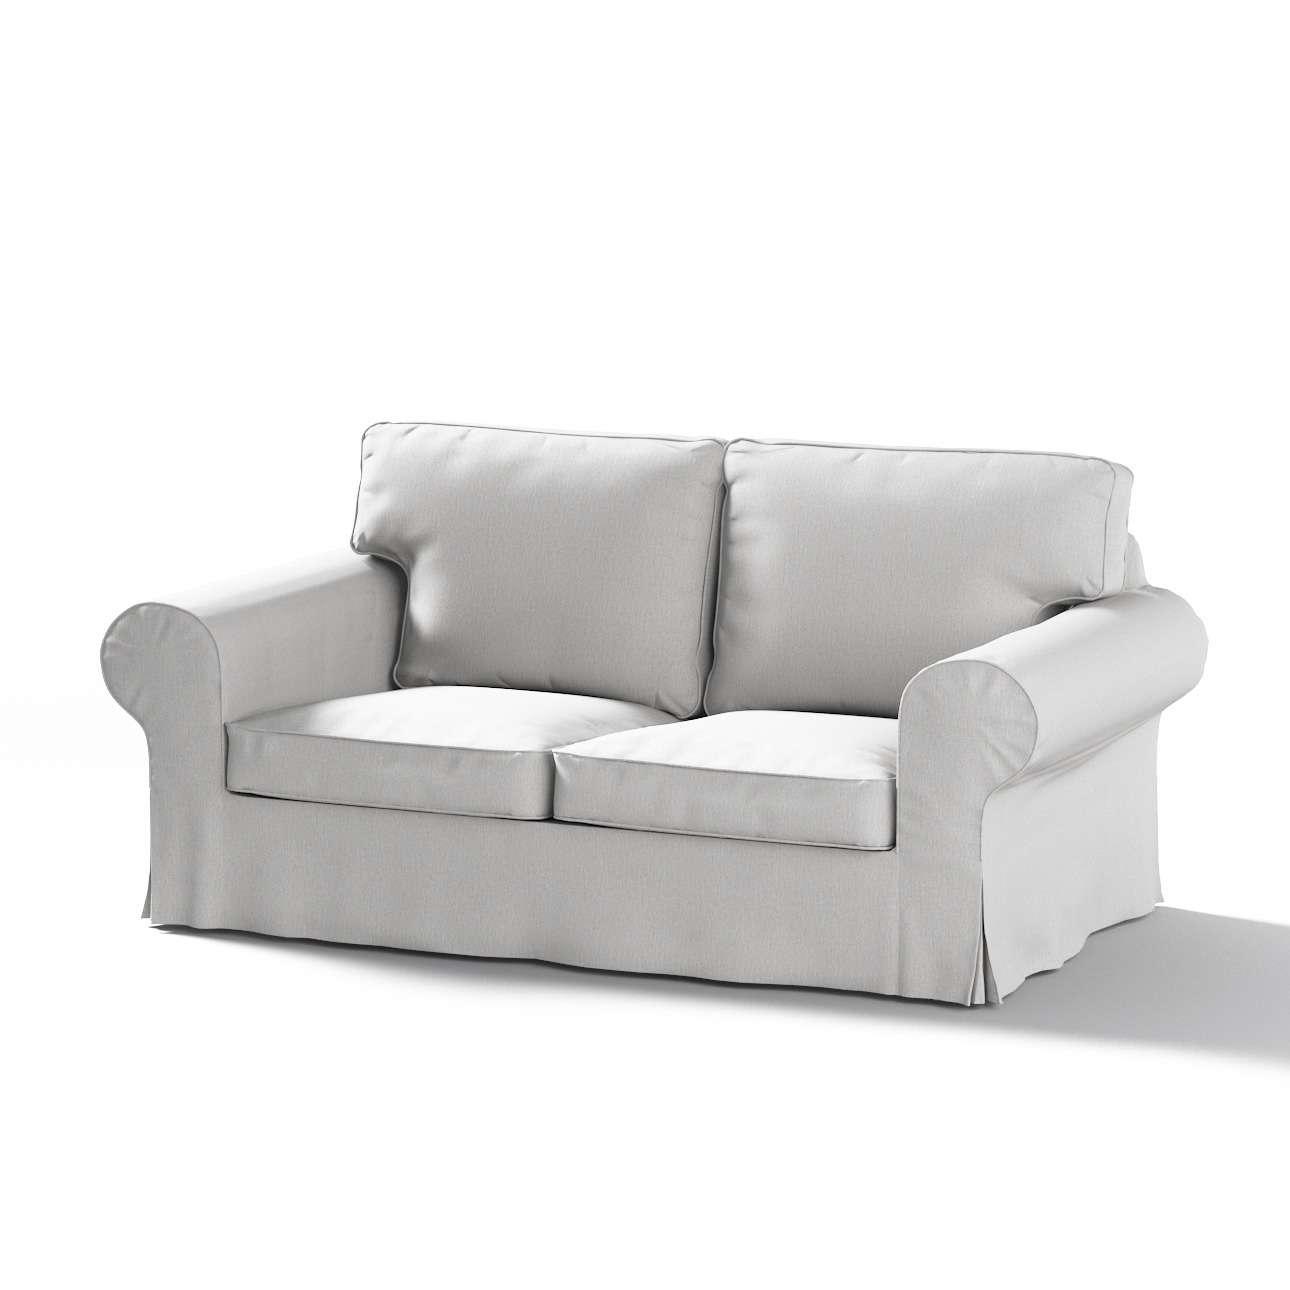 Ektorp 2-Sitzer Sofabezug nicht ausklappbar Sofabezug für  Ektorp 2-Sitzer nicht ausklappbar von der Kollektion Chenille , Stoff: 702-23